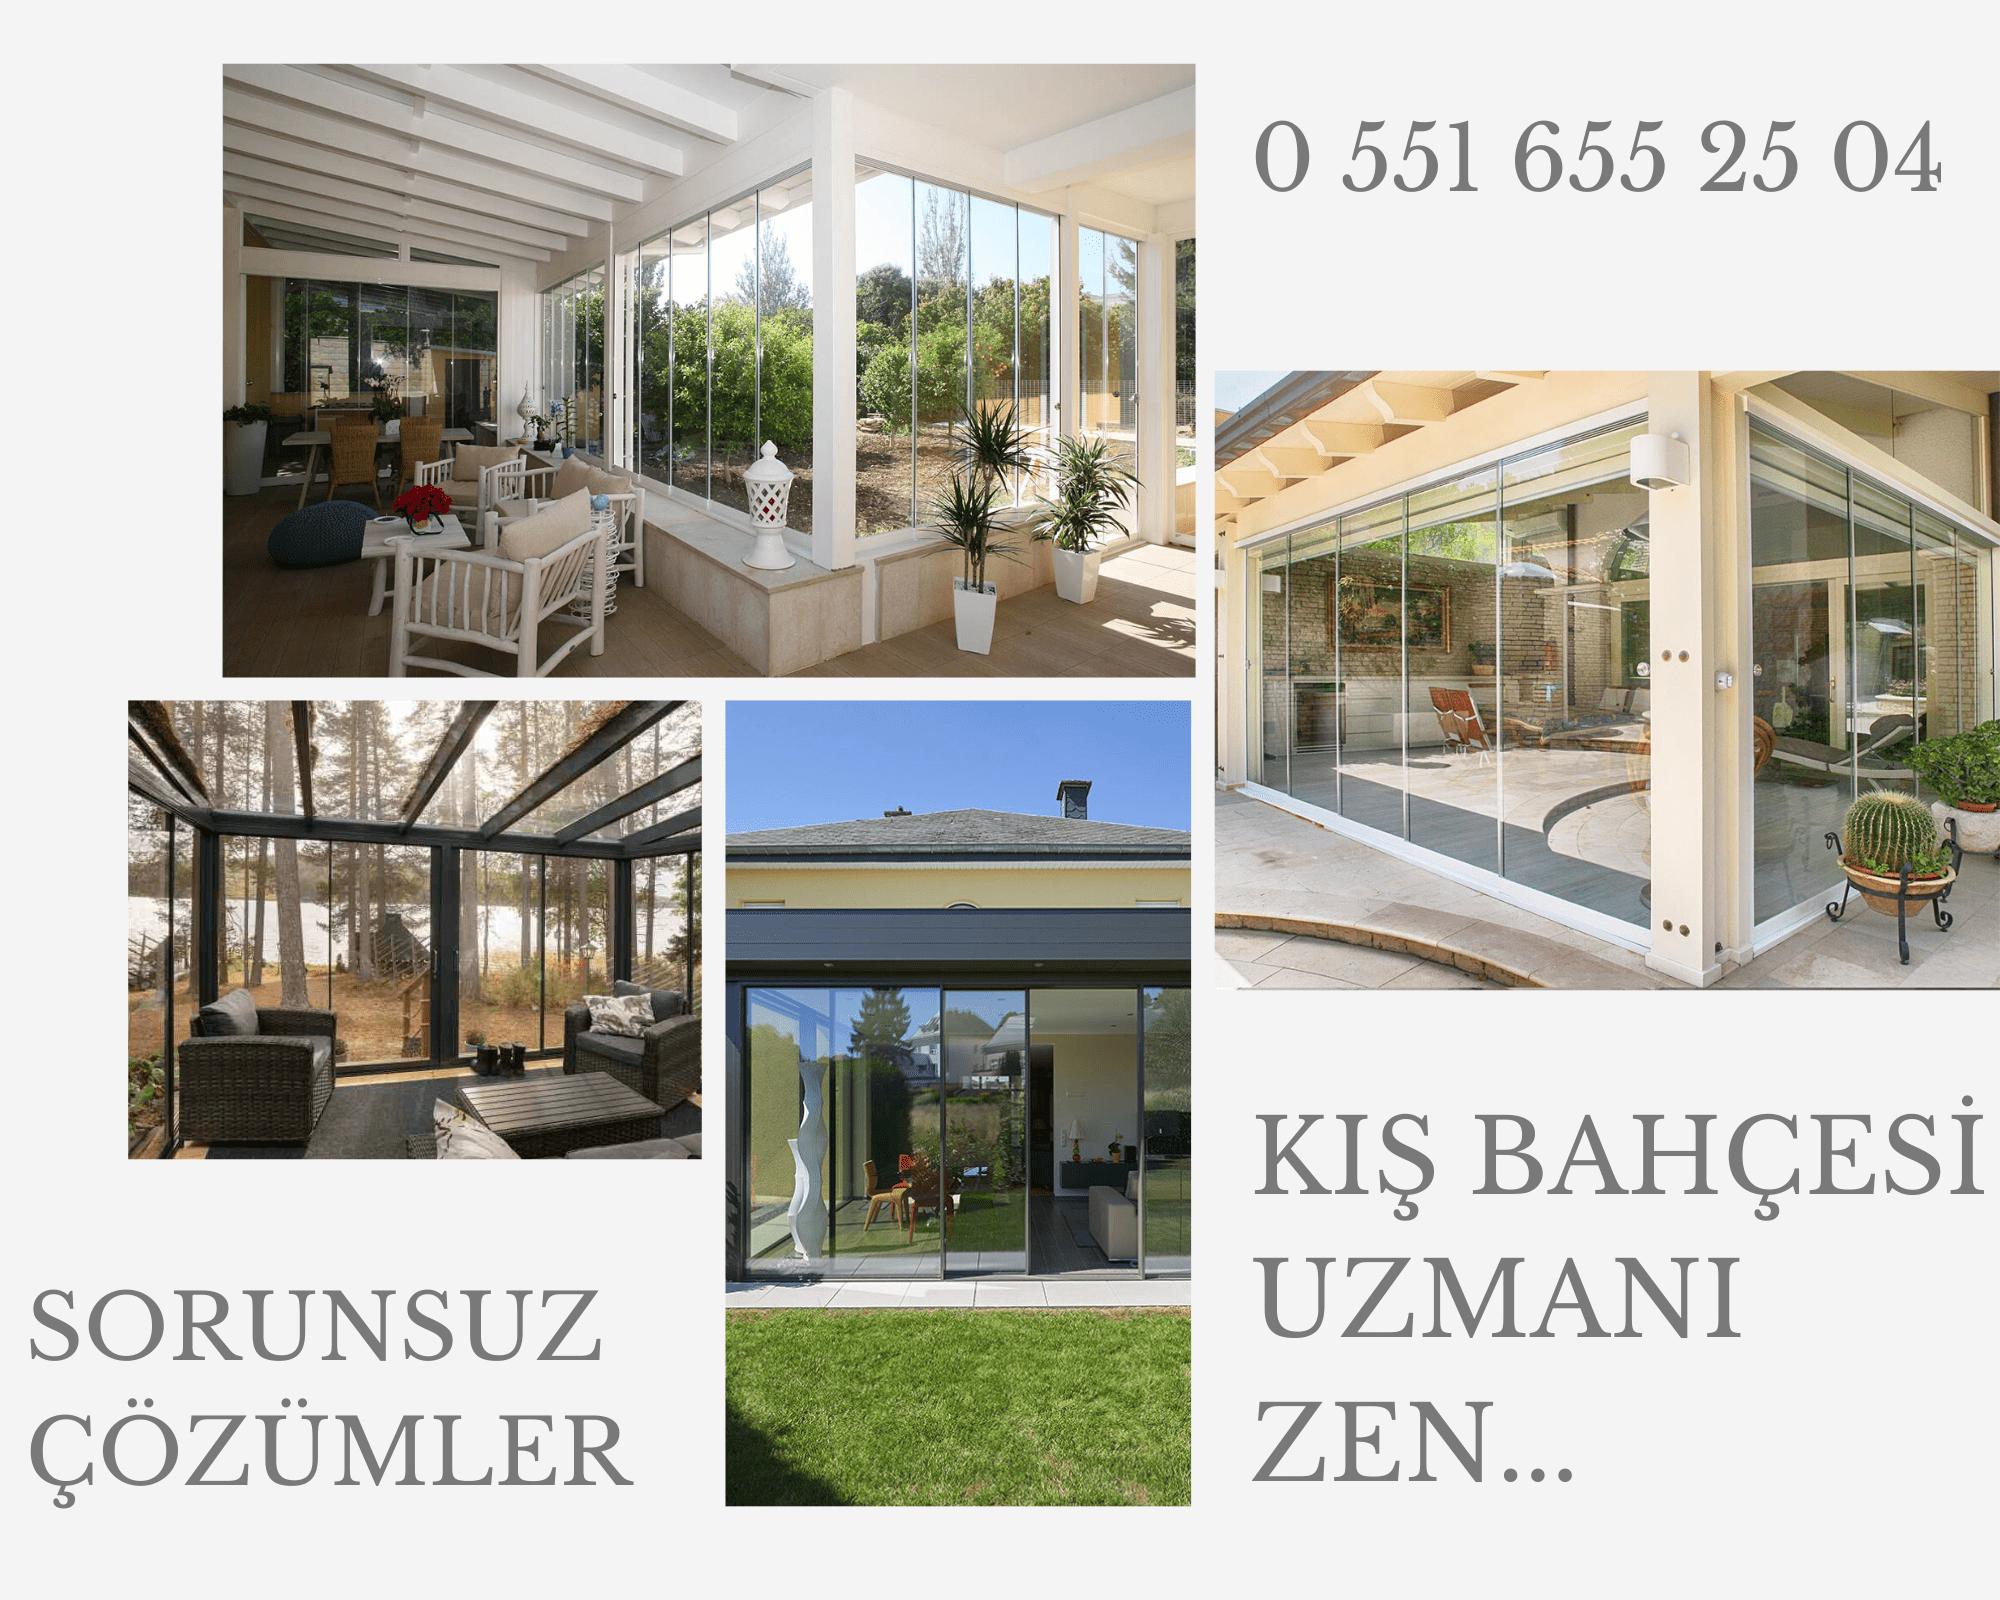 Camlama sistemleri İzmir